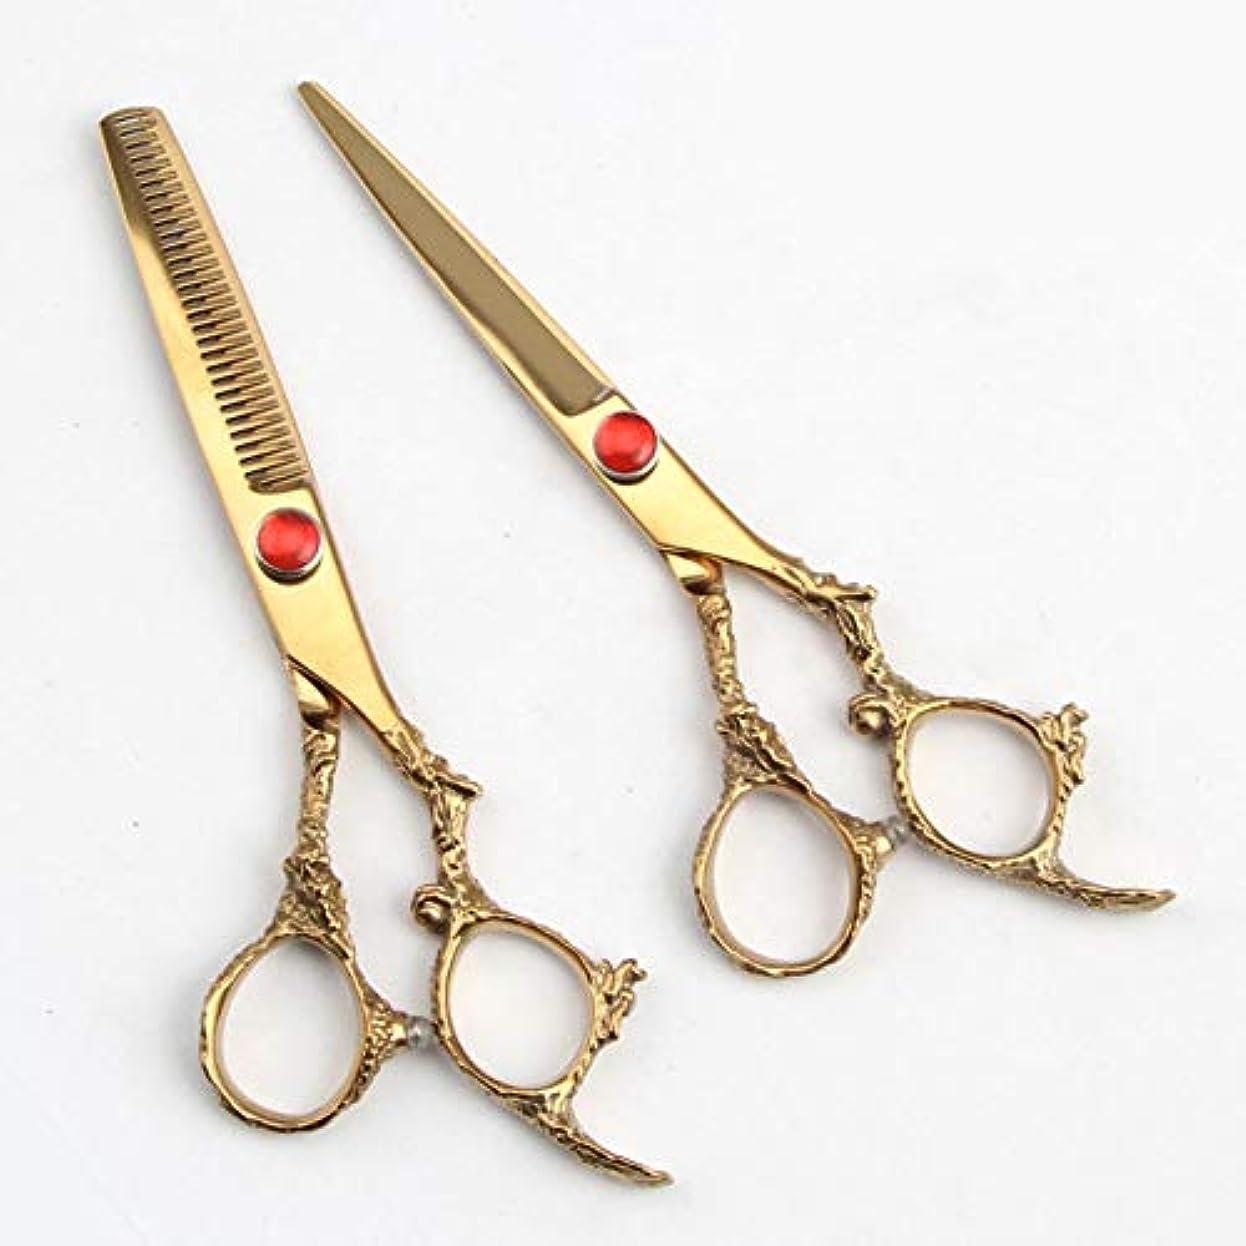 機知に富んだお香性交Jiaoran 理髪師ゴールデンプロのヘアカットセット、家庭用はさみセット (Color : Gold)